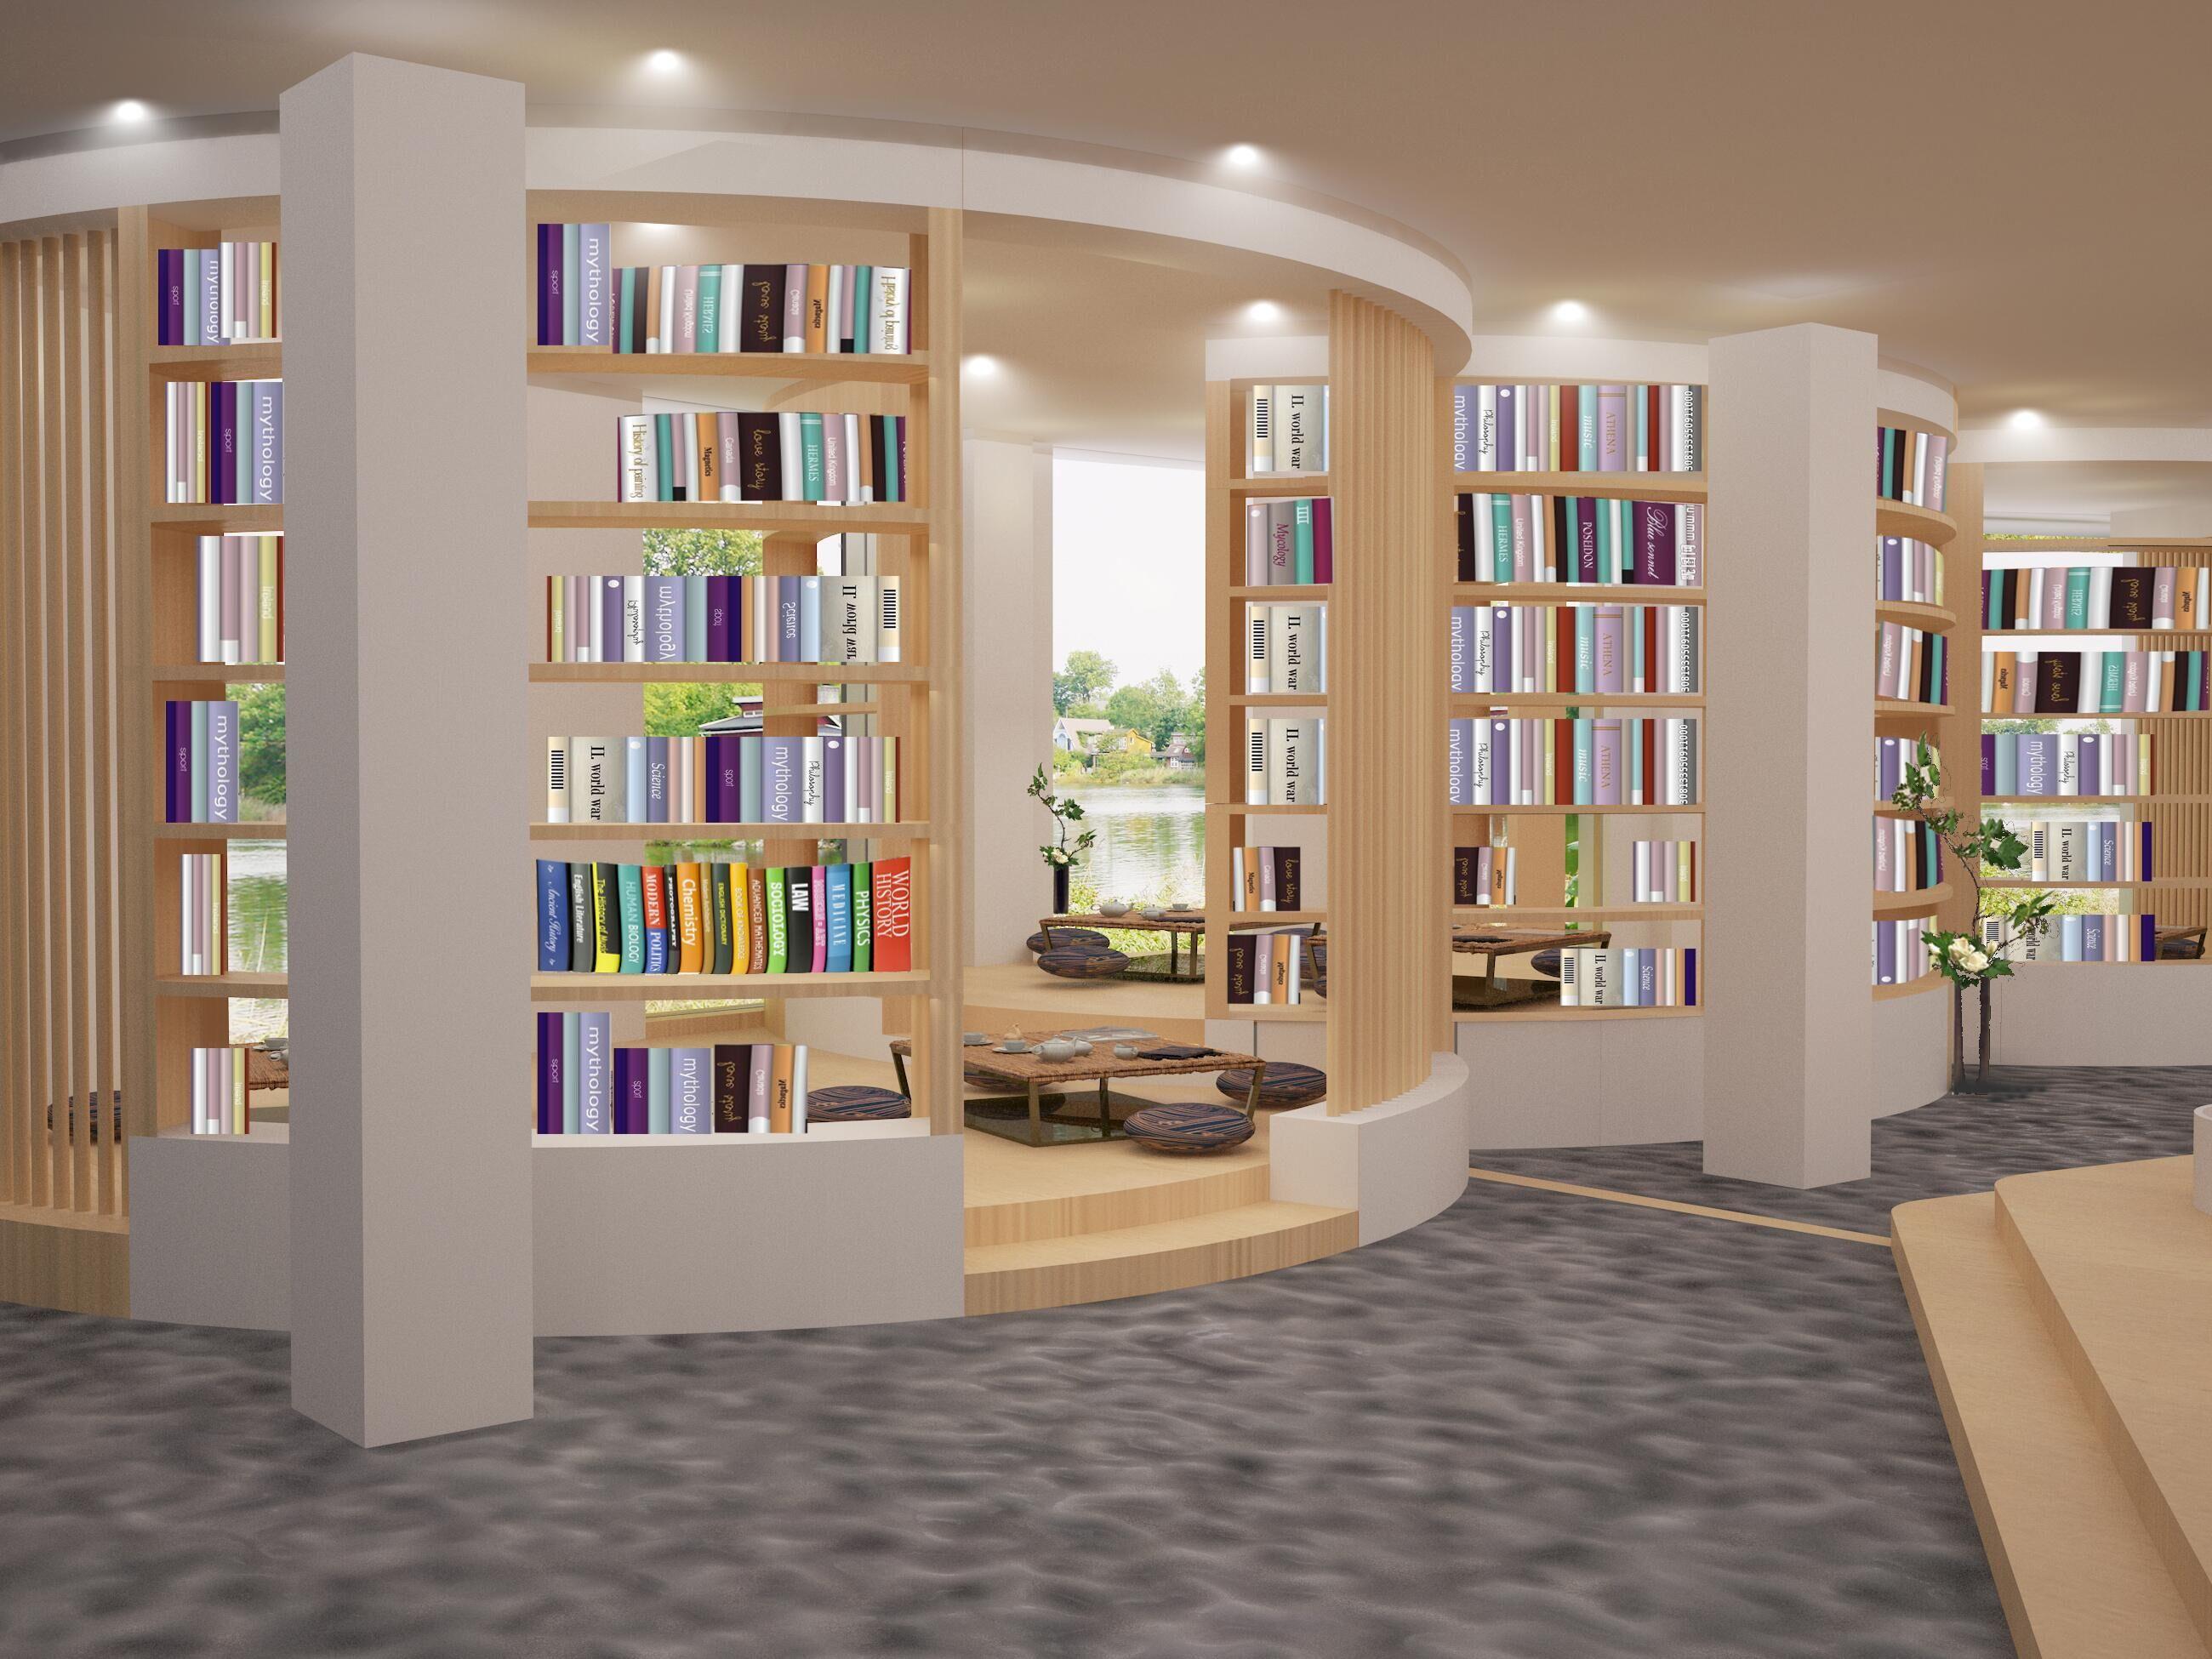 常州特教|电子书馆 电子书制作软件